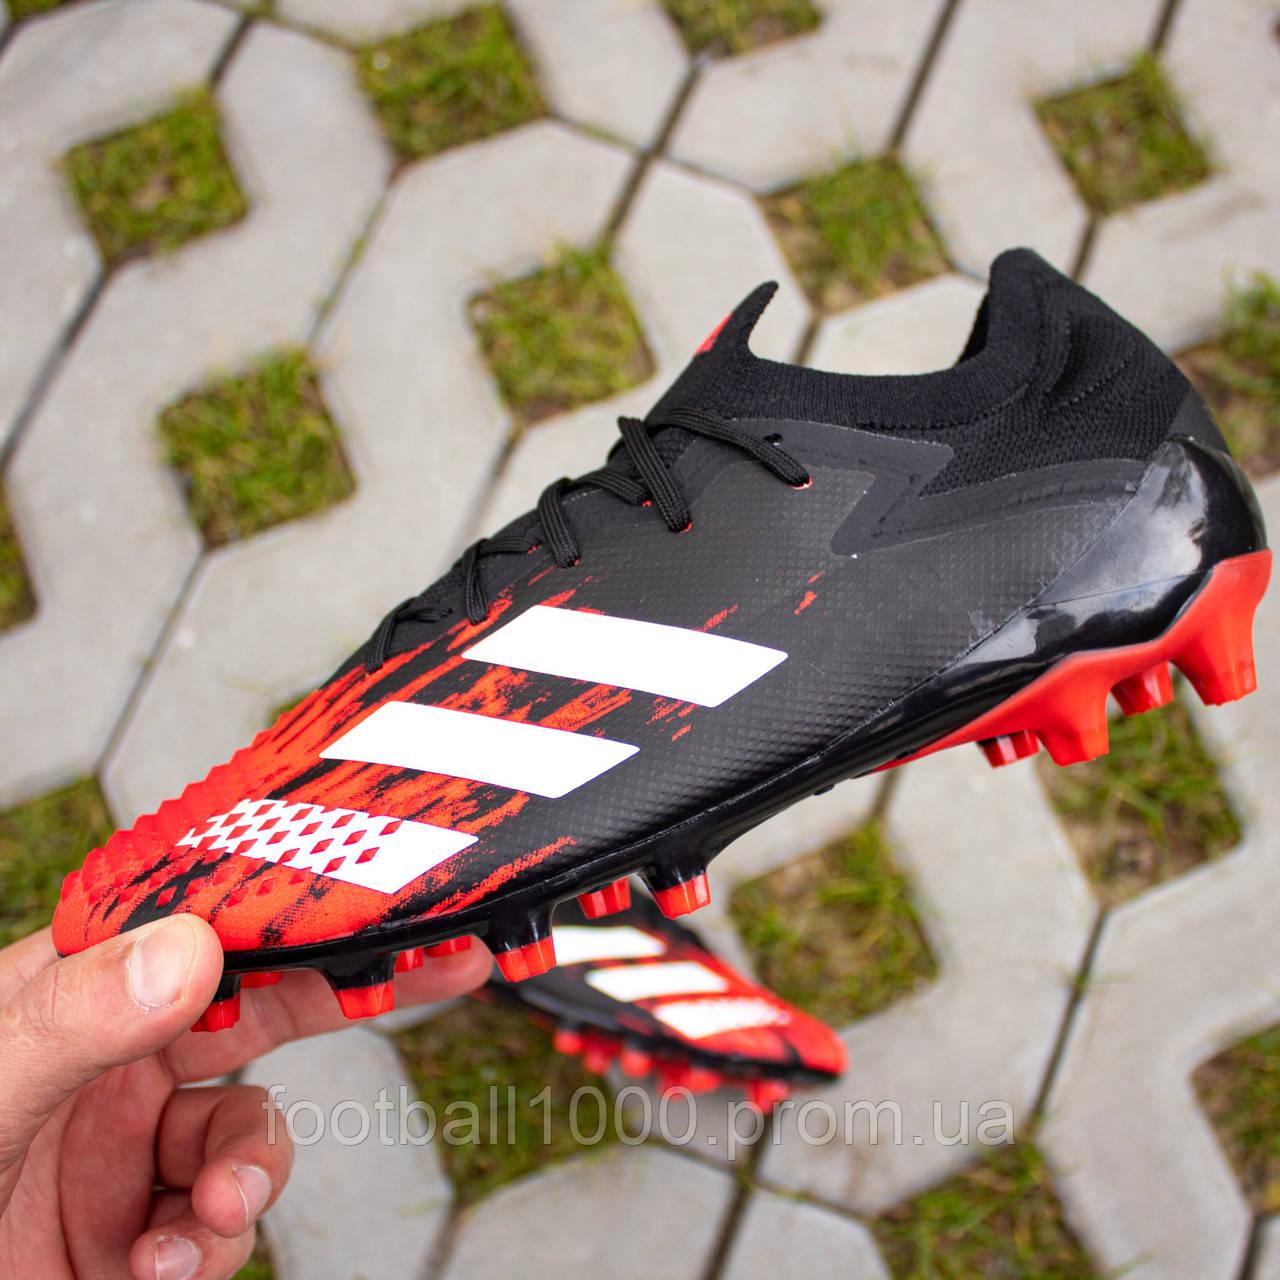 Бутсы Adidas Predator Mutator 20+ (39-45)